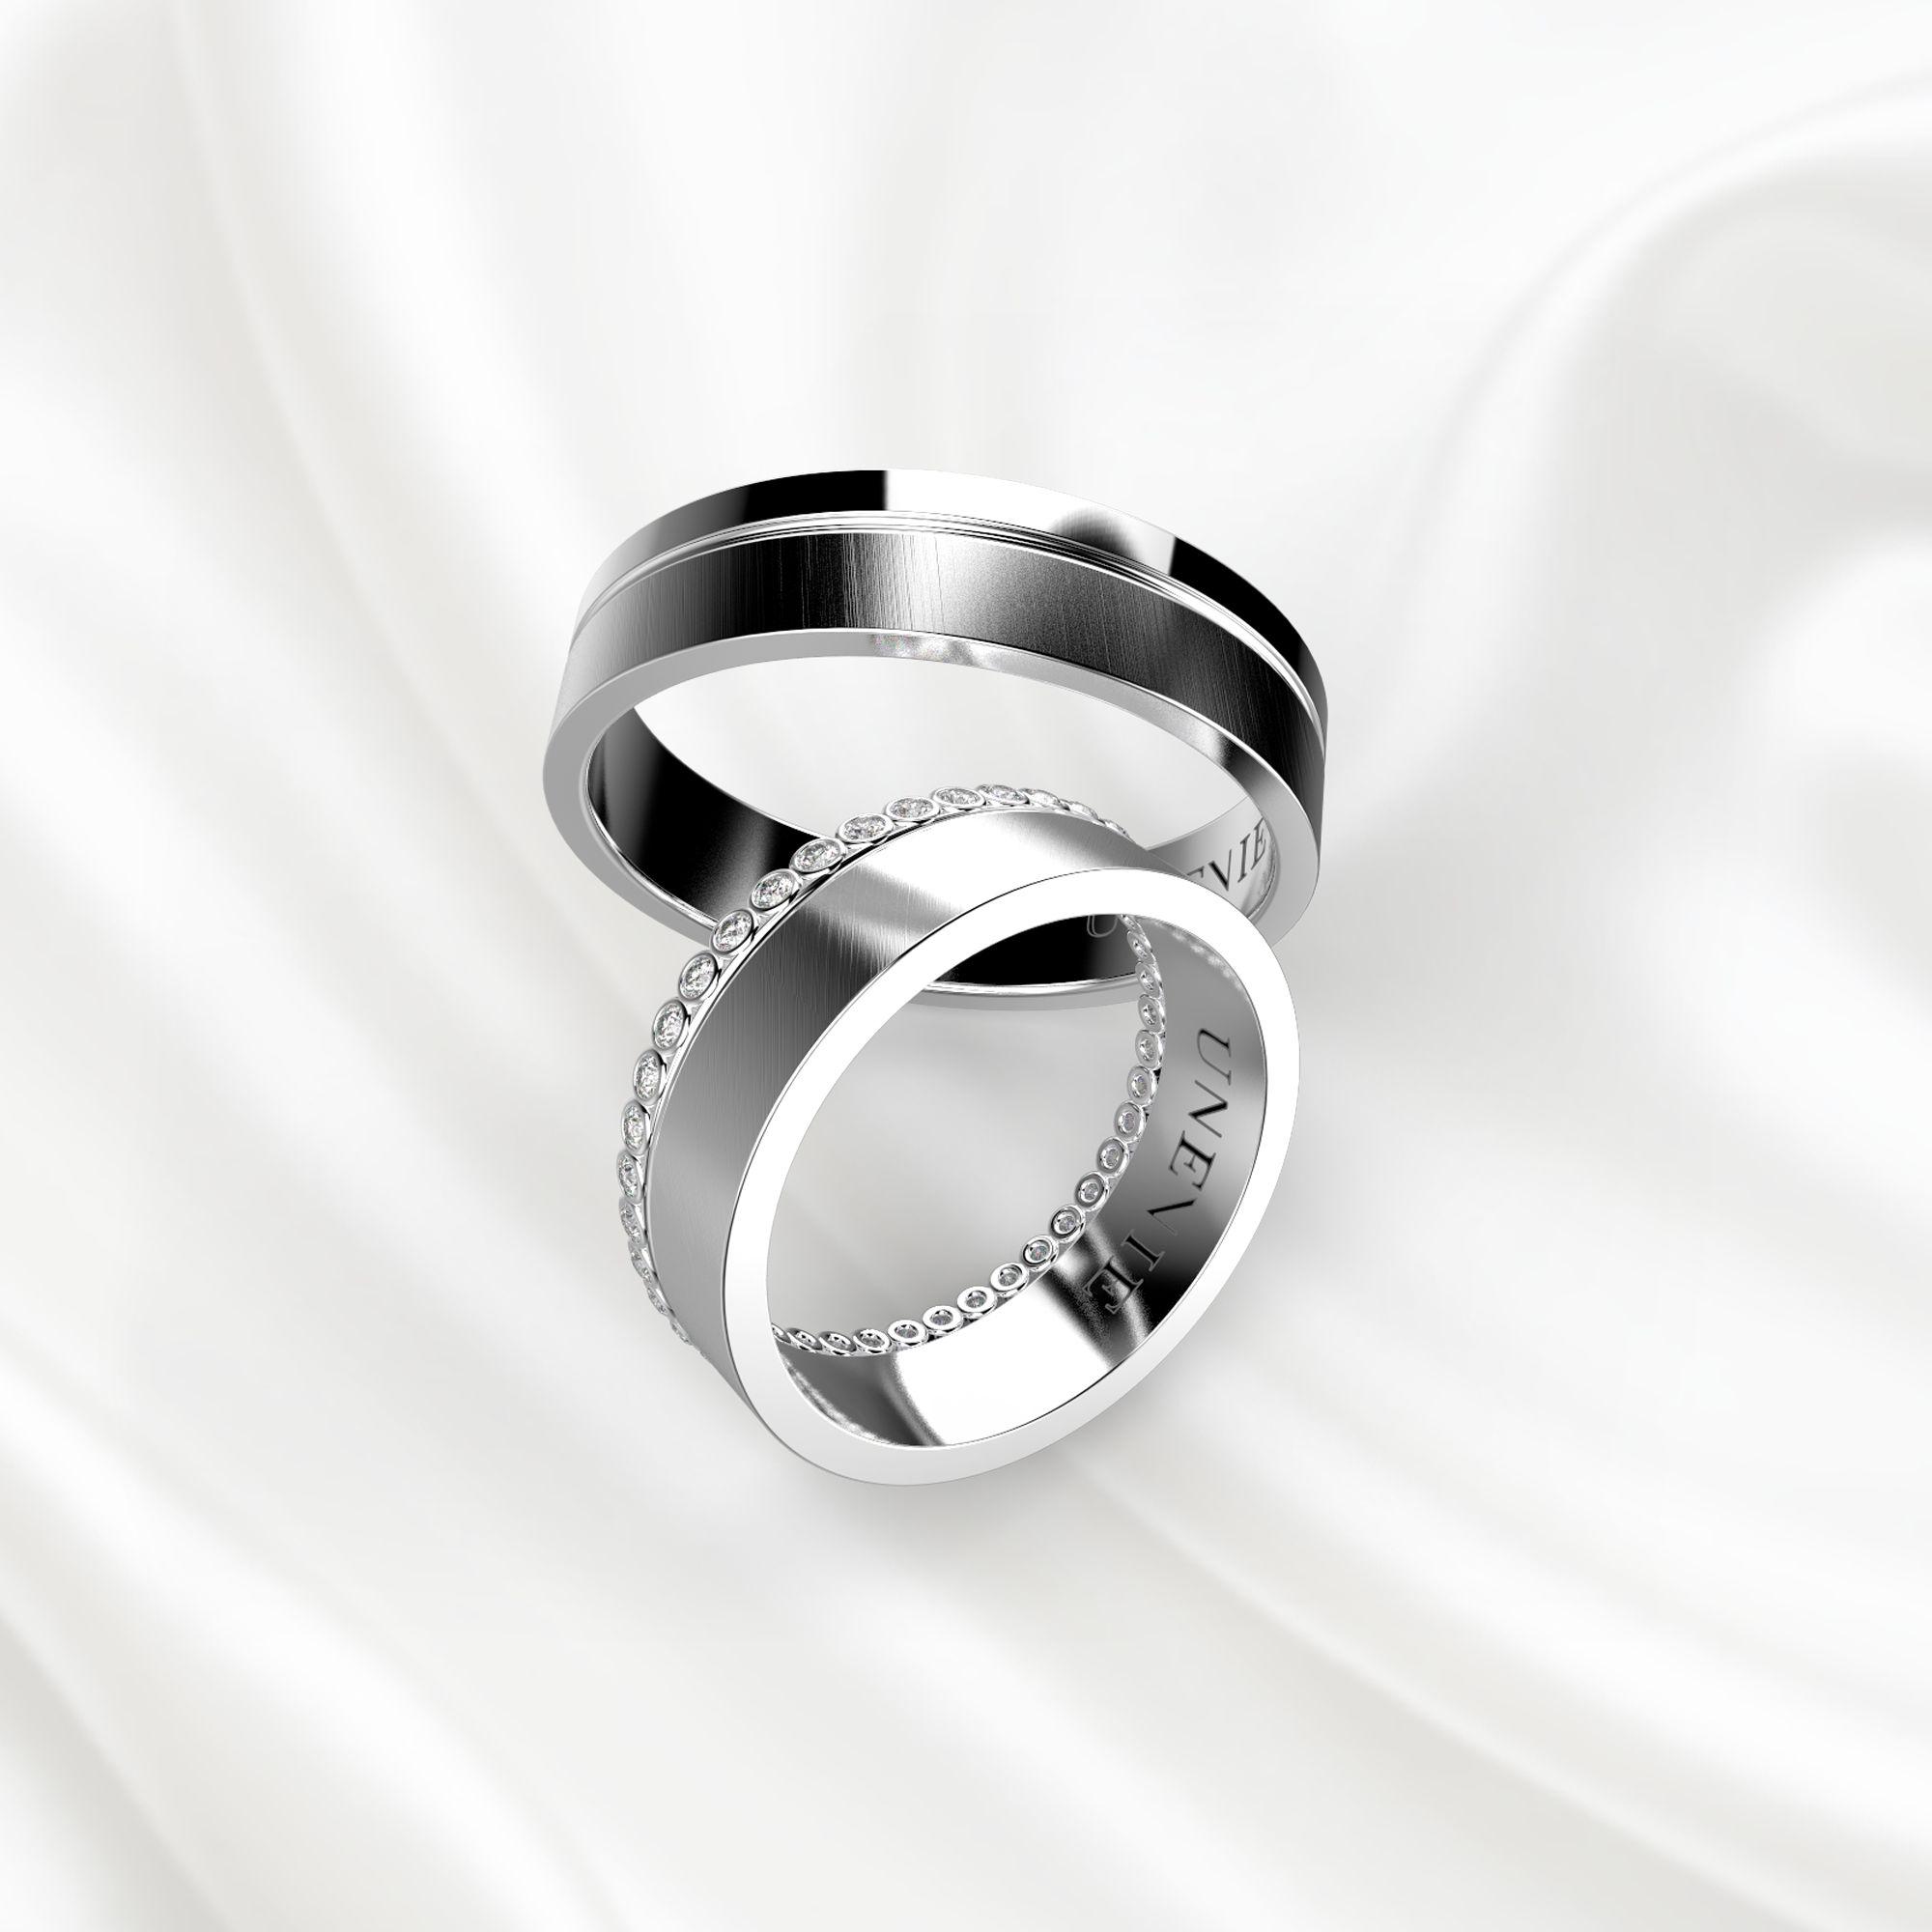 NV1 Обручальные кольца из белого золота